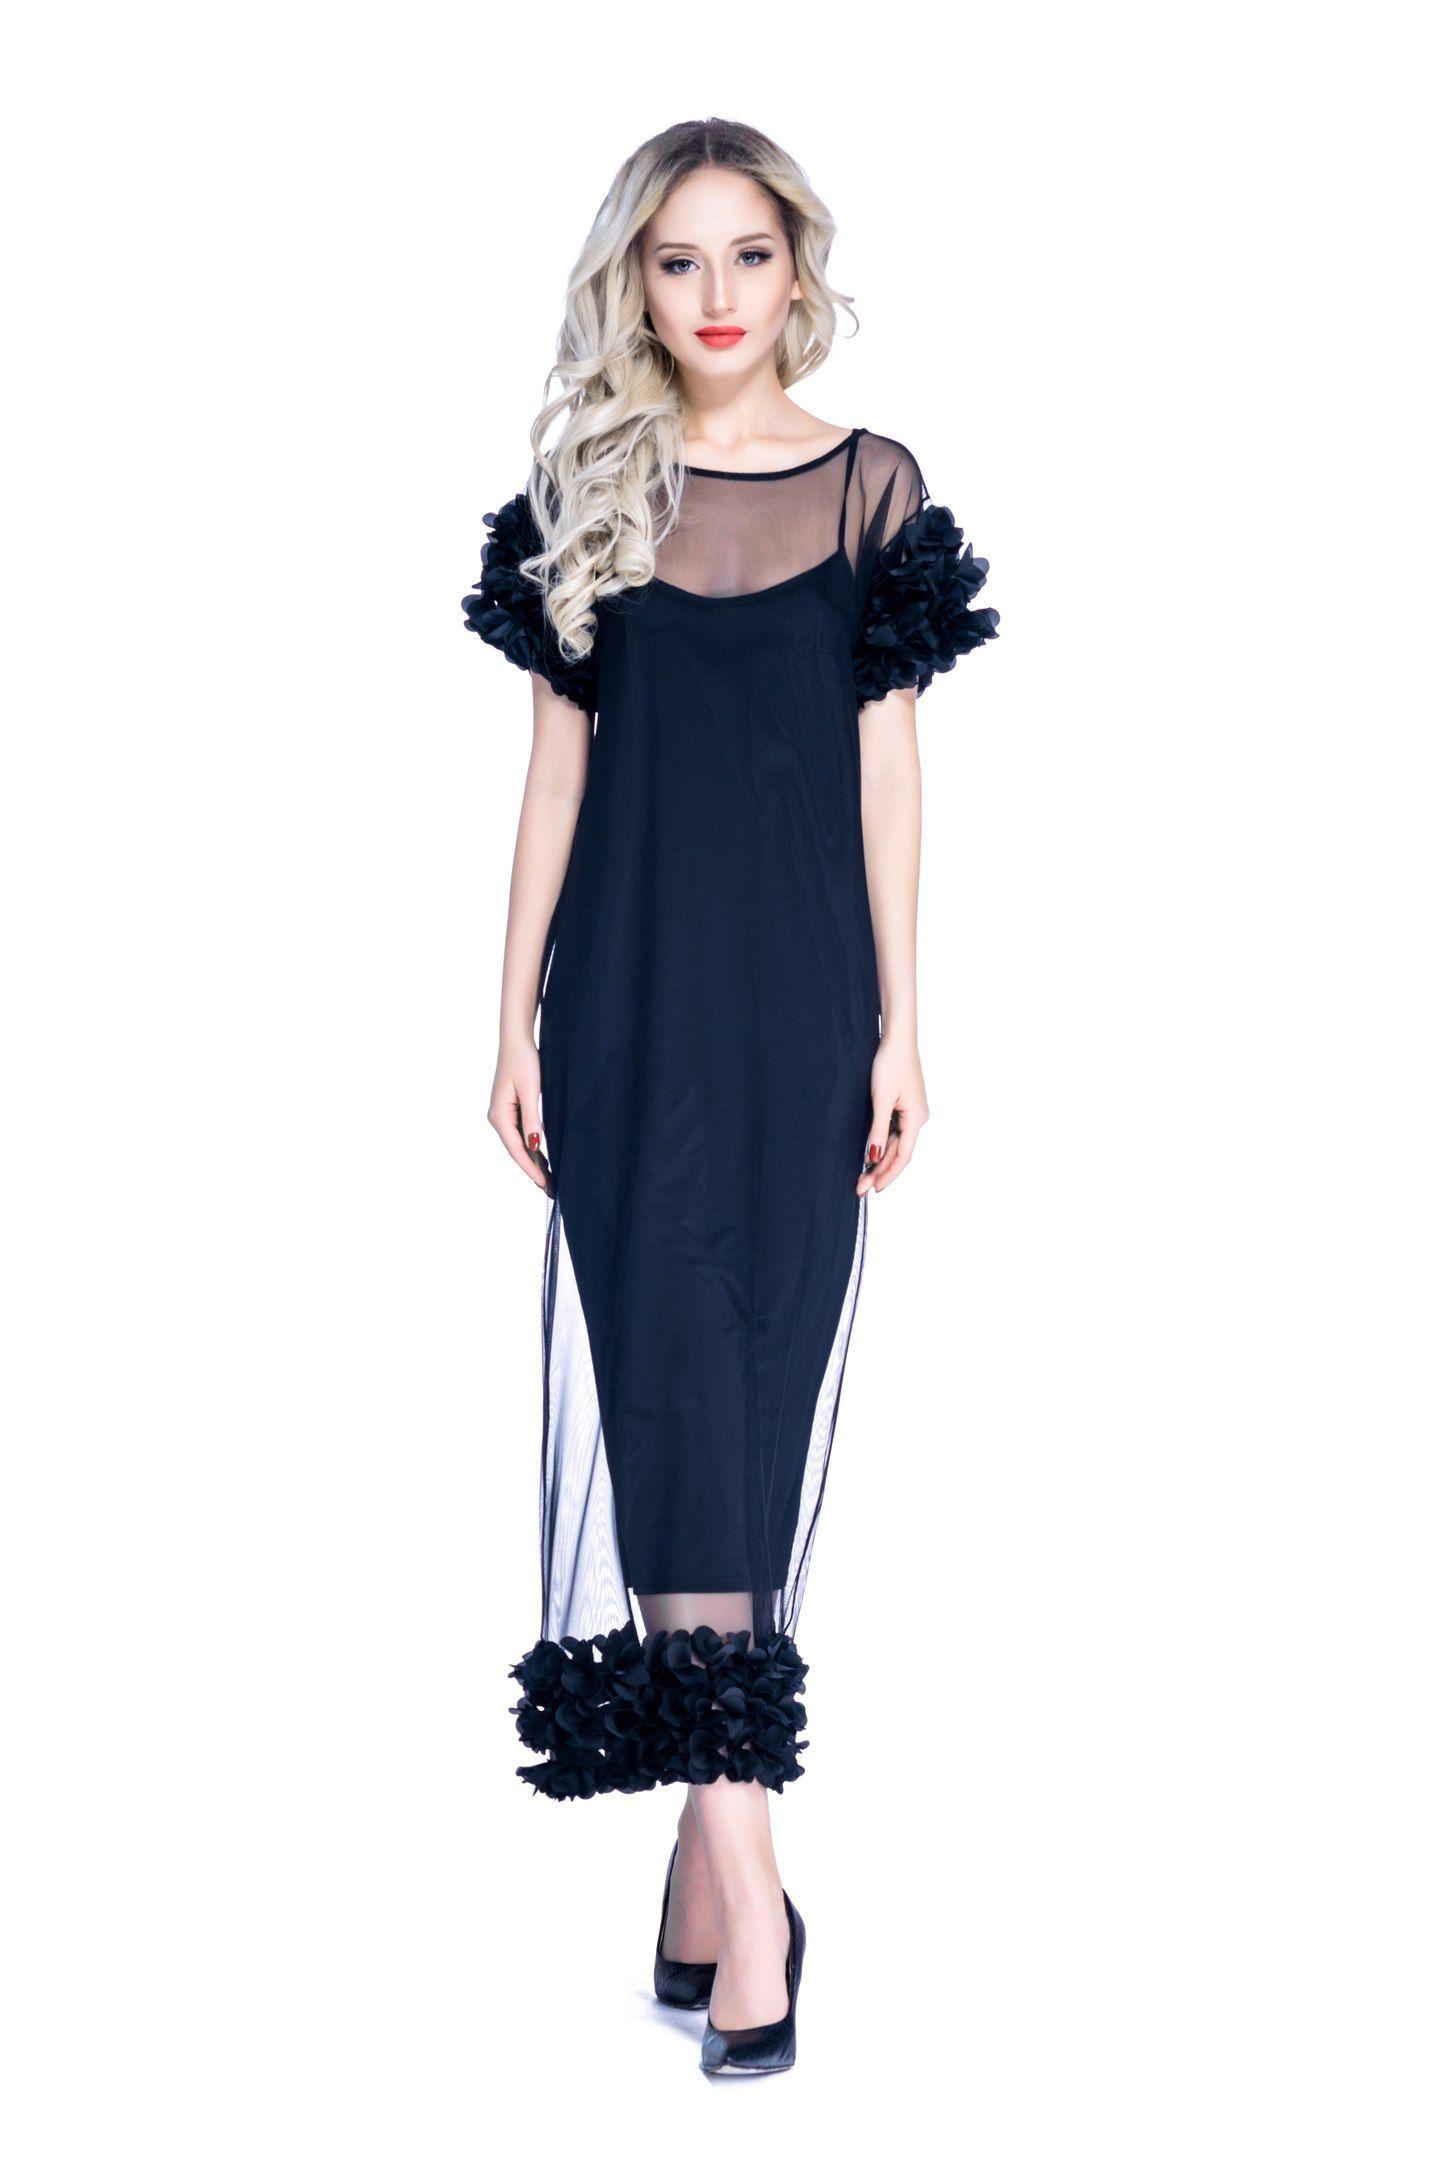 10f1314091a Экстравагантный образ. Объемный декор на платье. Полупрозрачный верх.  Классический черный цвет. Вечерний образ. Новый год и Рождество. beautiful  dresses